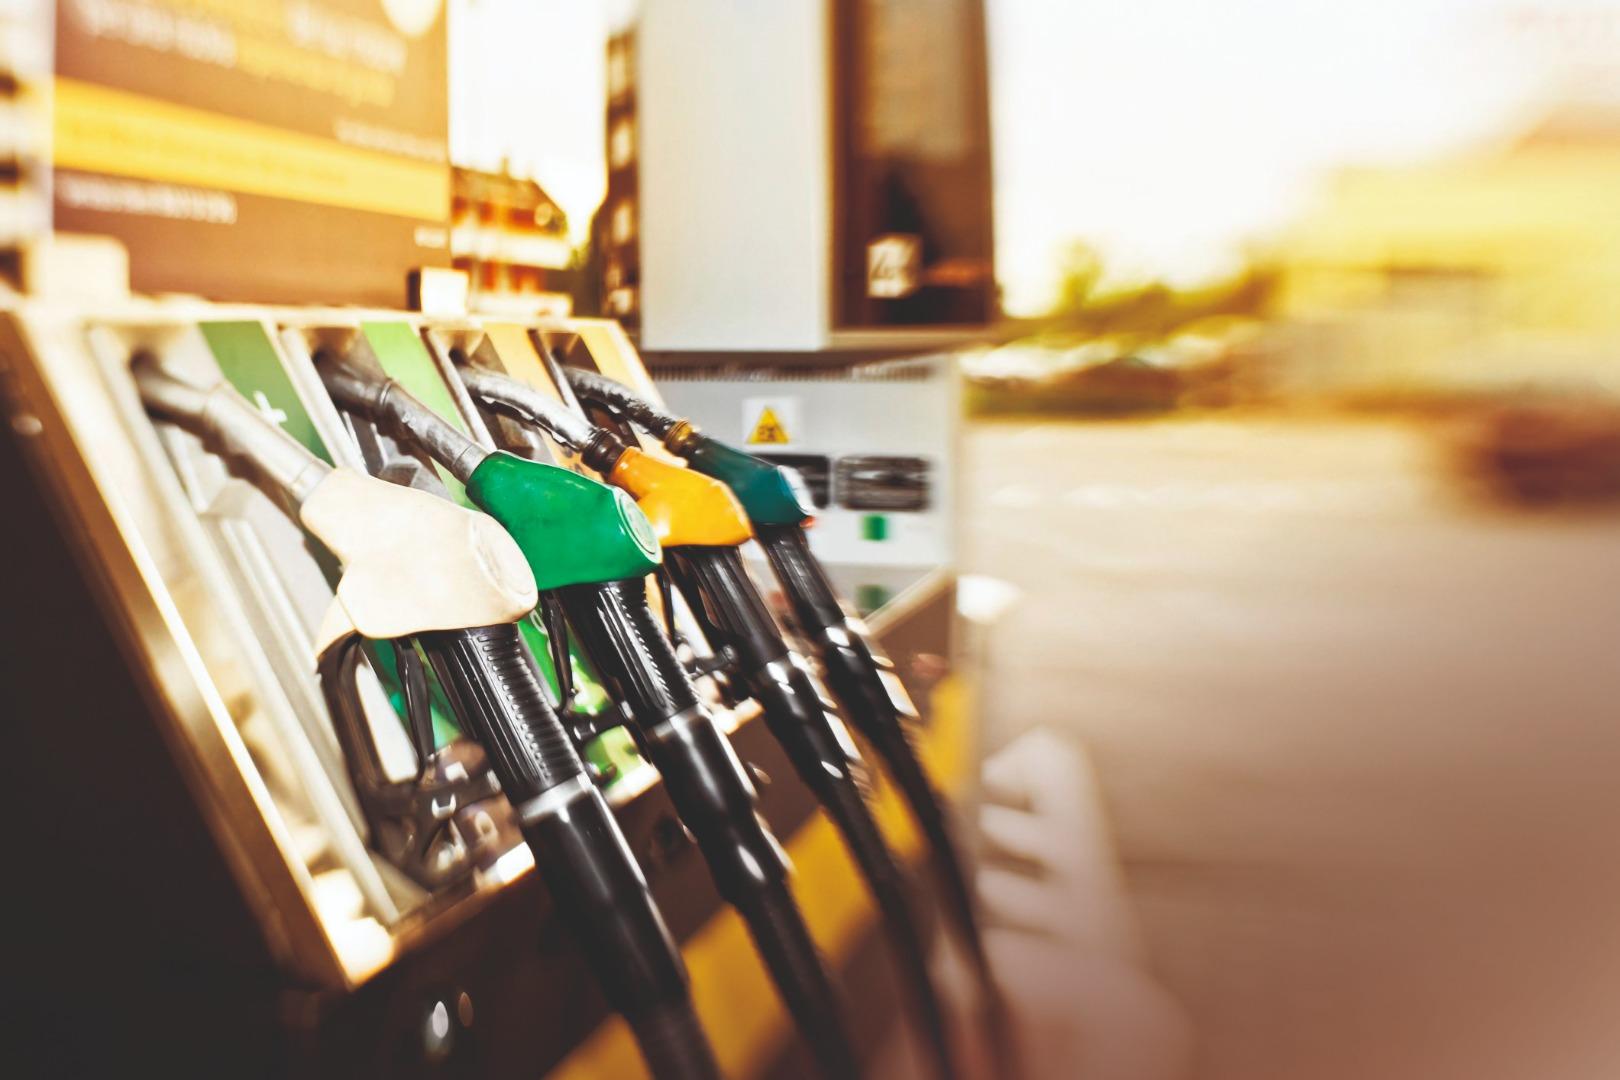 Por qué debes echar a tu coche siempre gasolina E10 y no E5, y qué coches pueden utilizarla